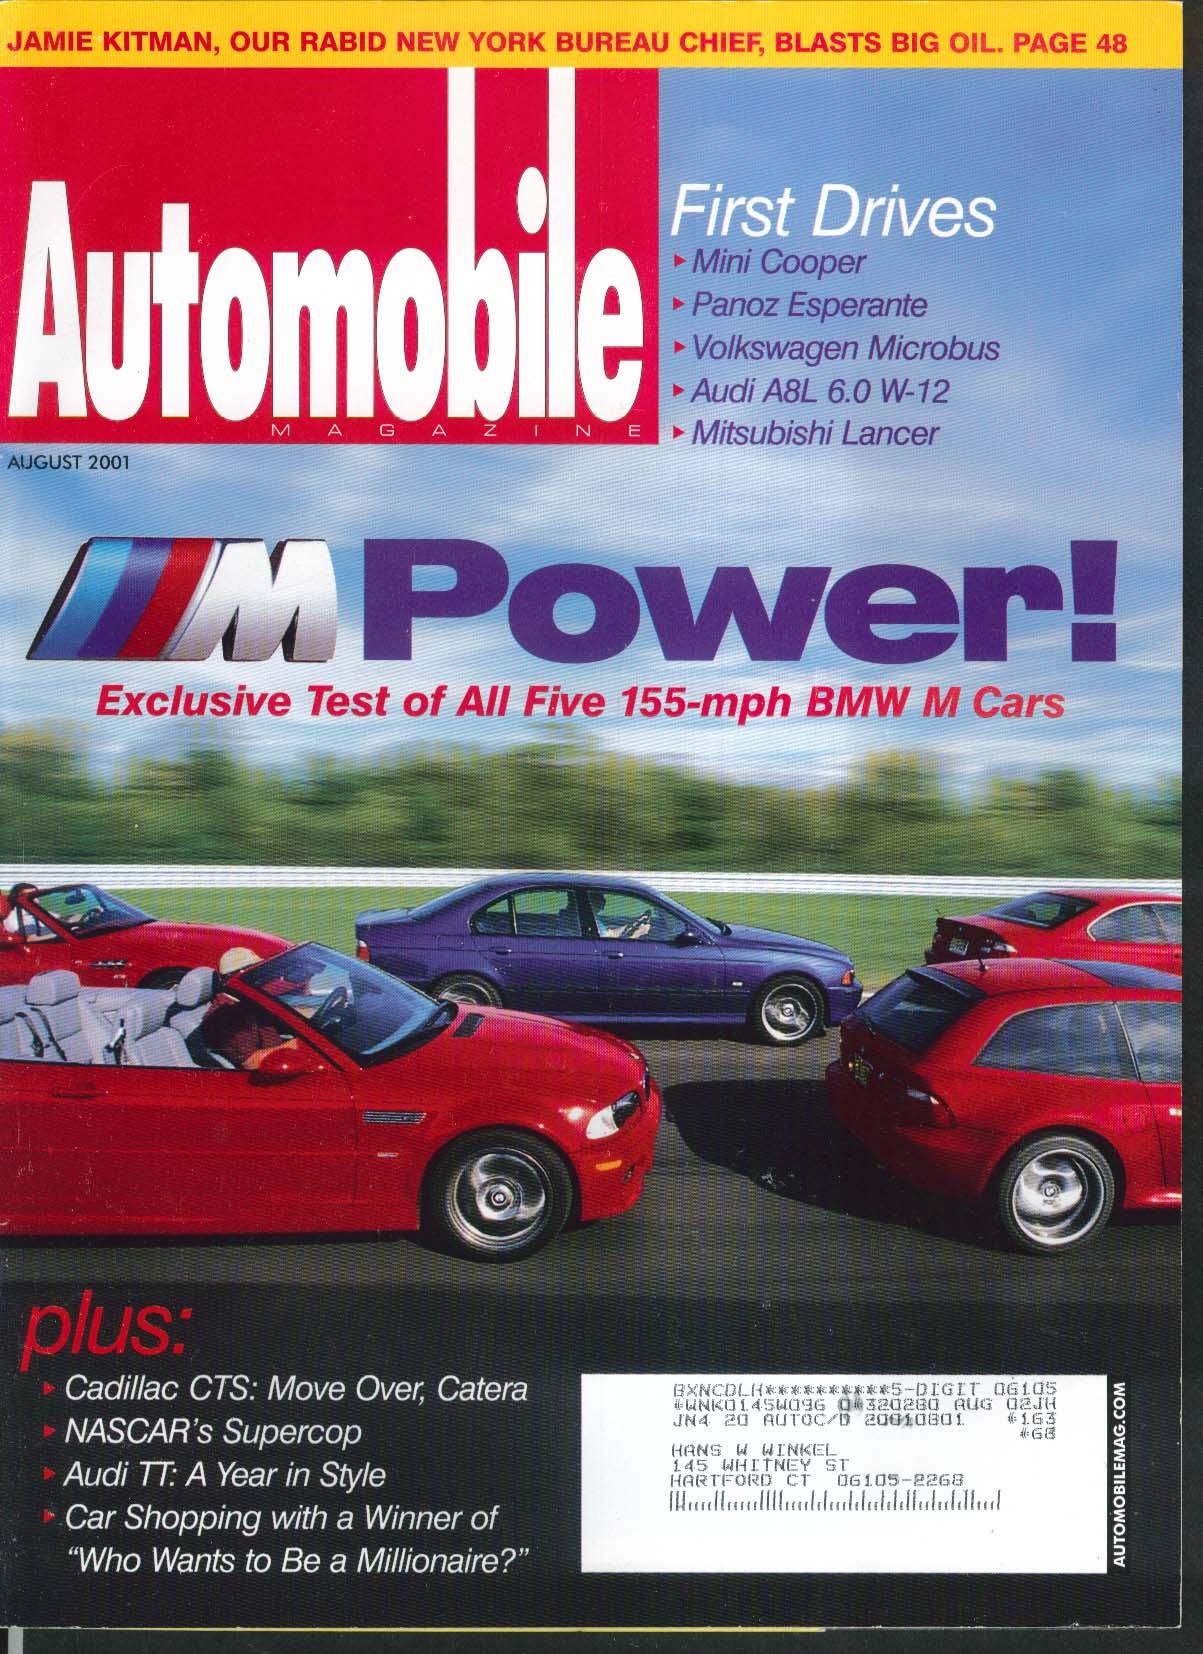 AUTOMOBILE BMW M cars Mini Cooper Volkswagen Micorbus Audi A8L Mitsubishi 8 2001